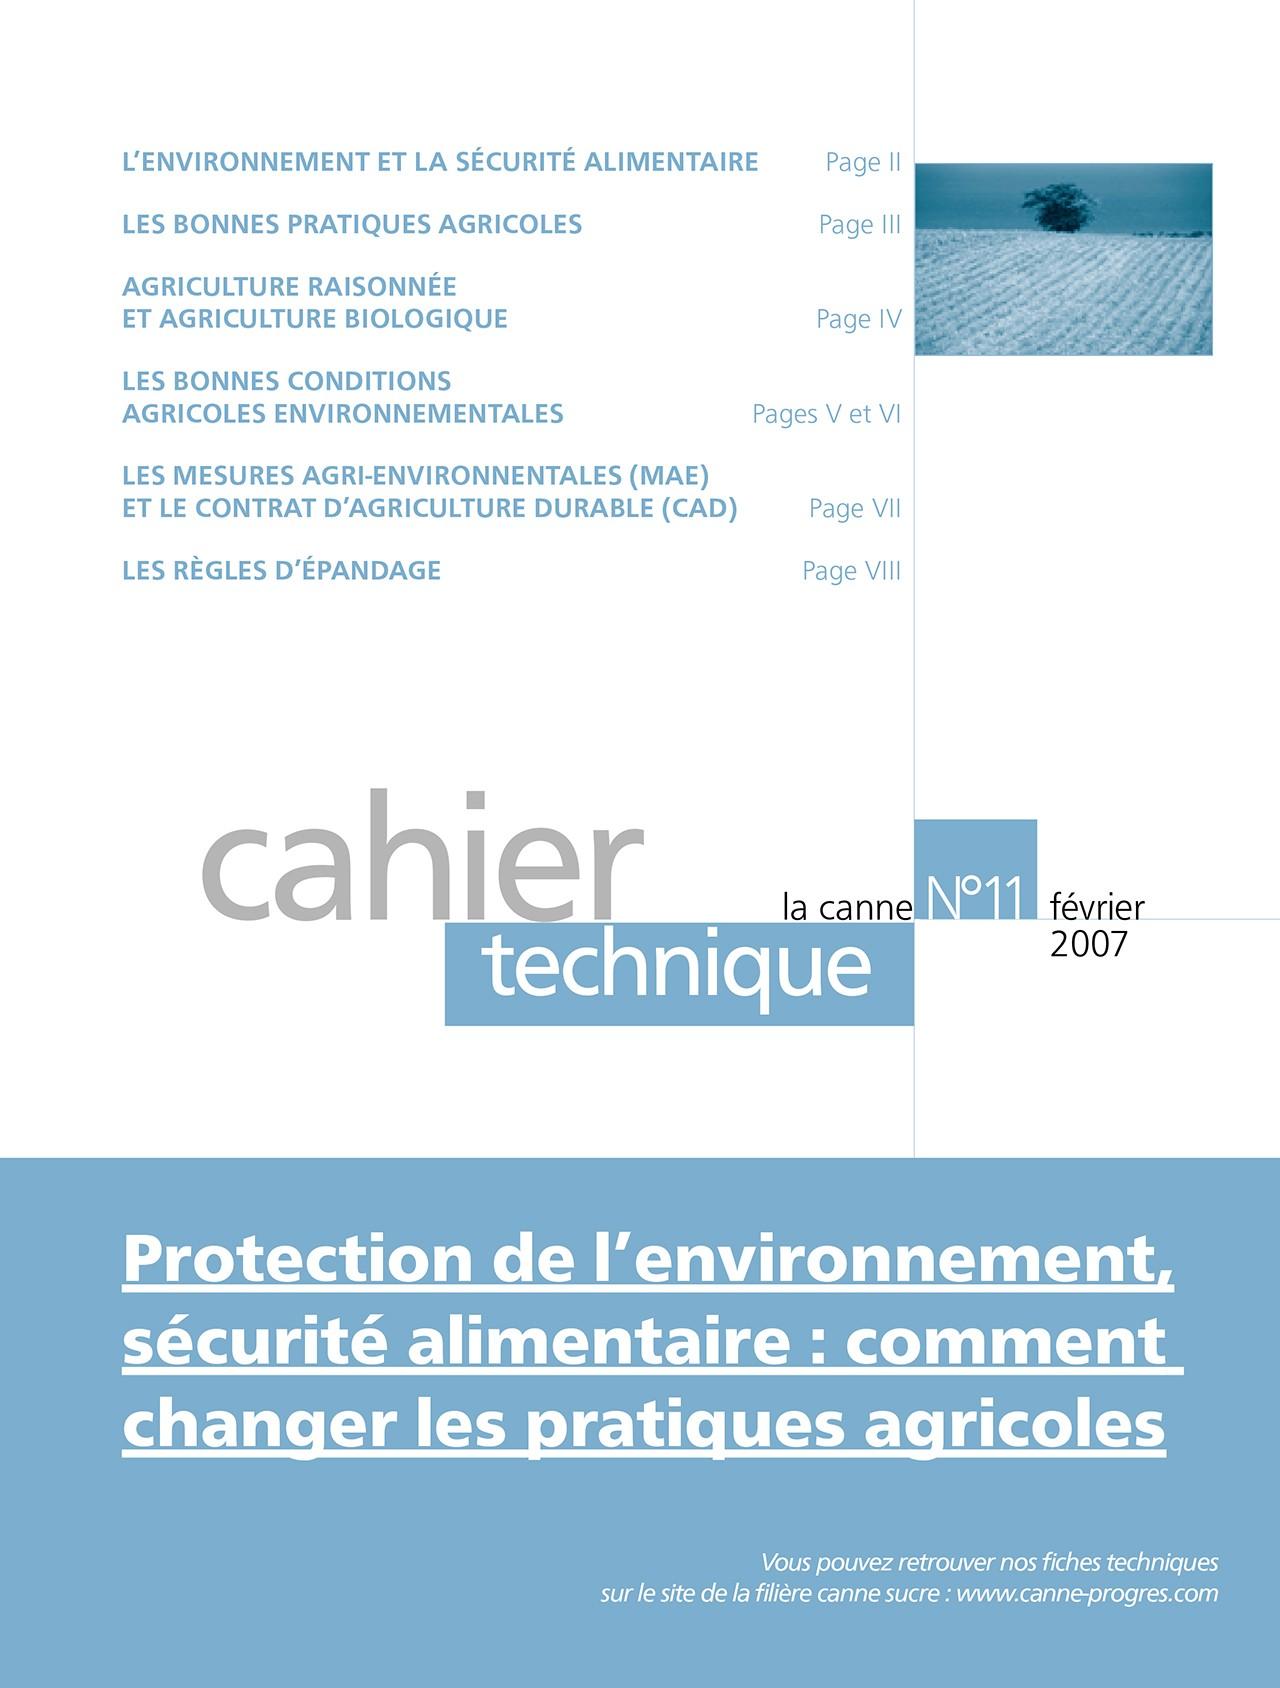 Cahier technique : Protection de l'environnement, sécurité alimentaire, comment changer les pratiques alimentaires